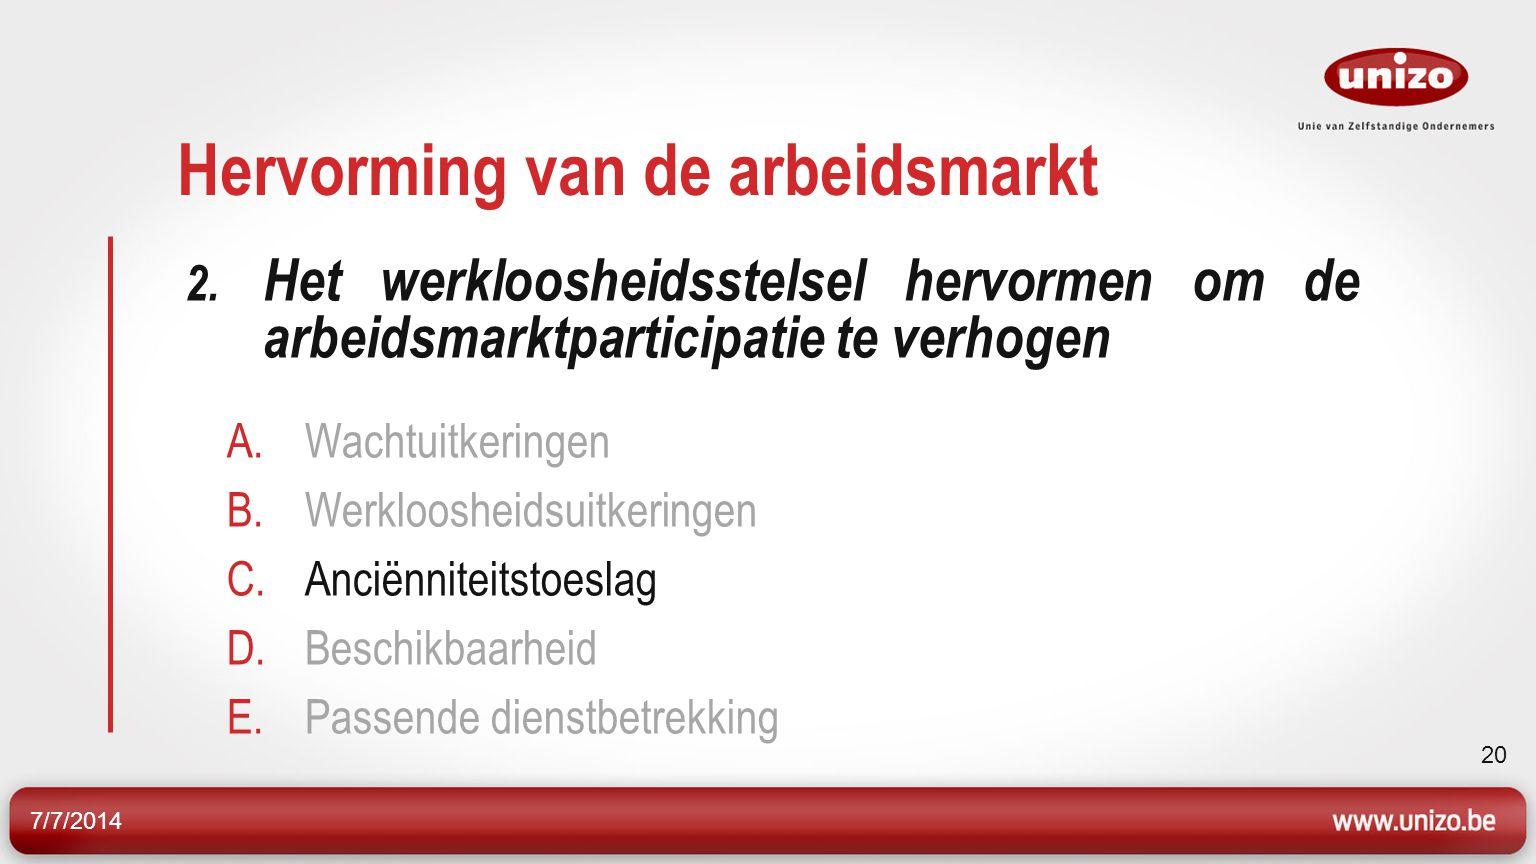 7/7/2014 20 Hervorming van de arbeidsmarkt 2.